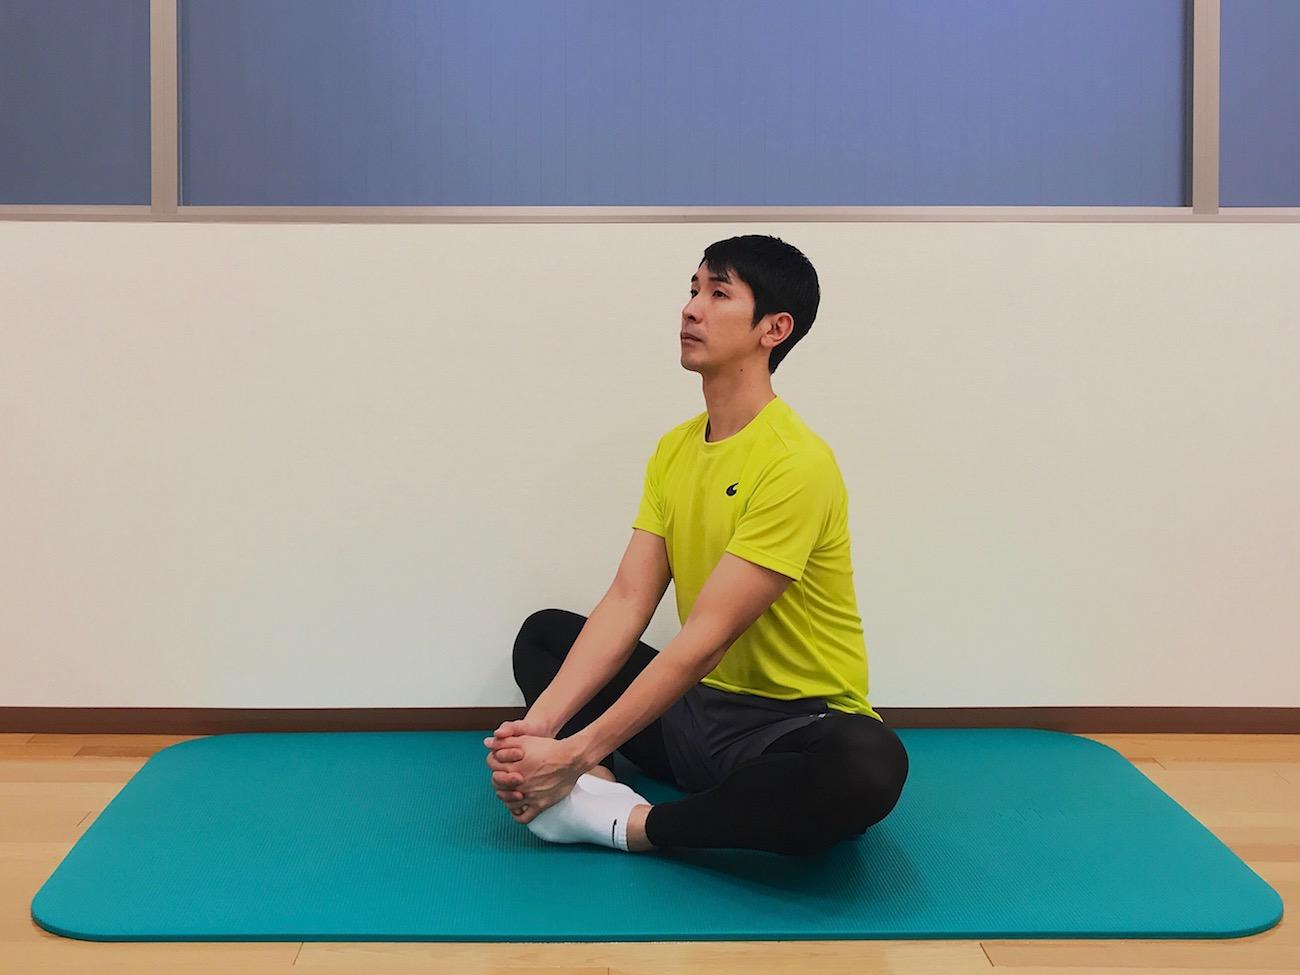 内ももの筋肉(内転筋群)のストレッチの方法